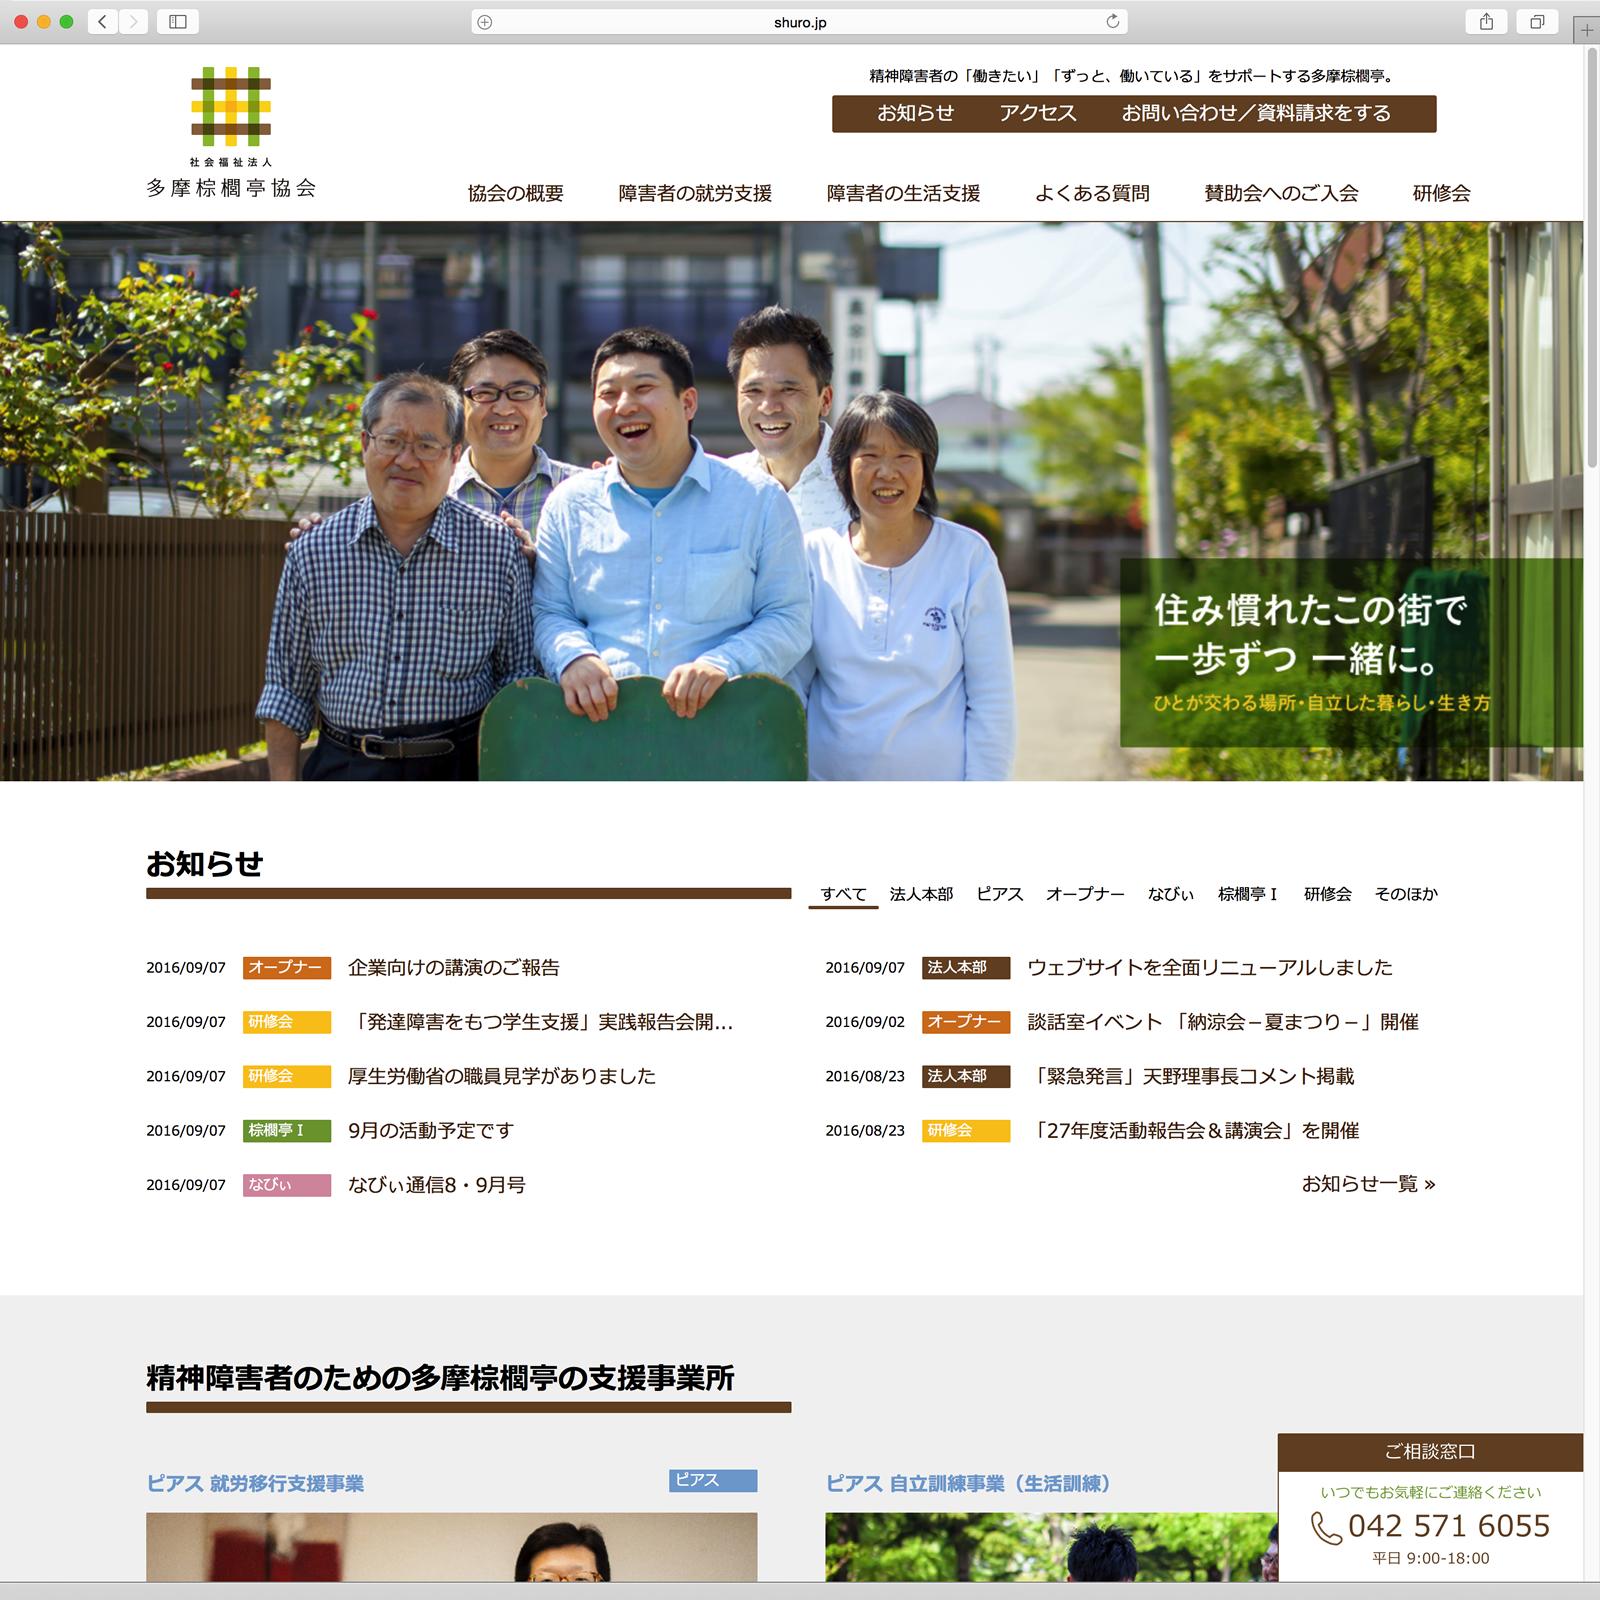 社会福祉法人 多摩棕櫚亭協会|障害者支援|ウェブサイトデザイン・写真・ロゴ・ブランディング|東京都国立市